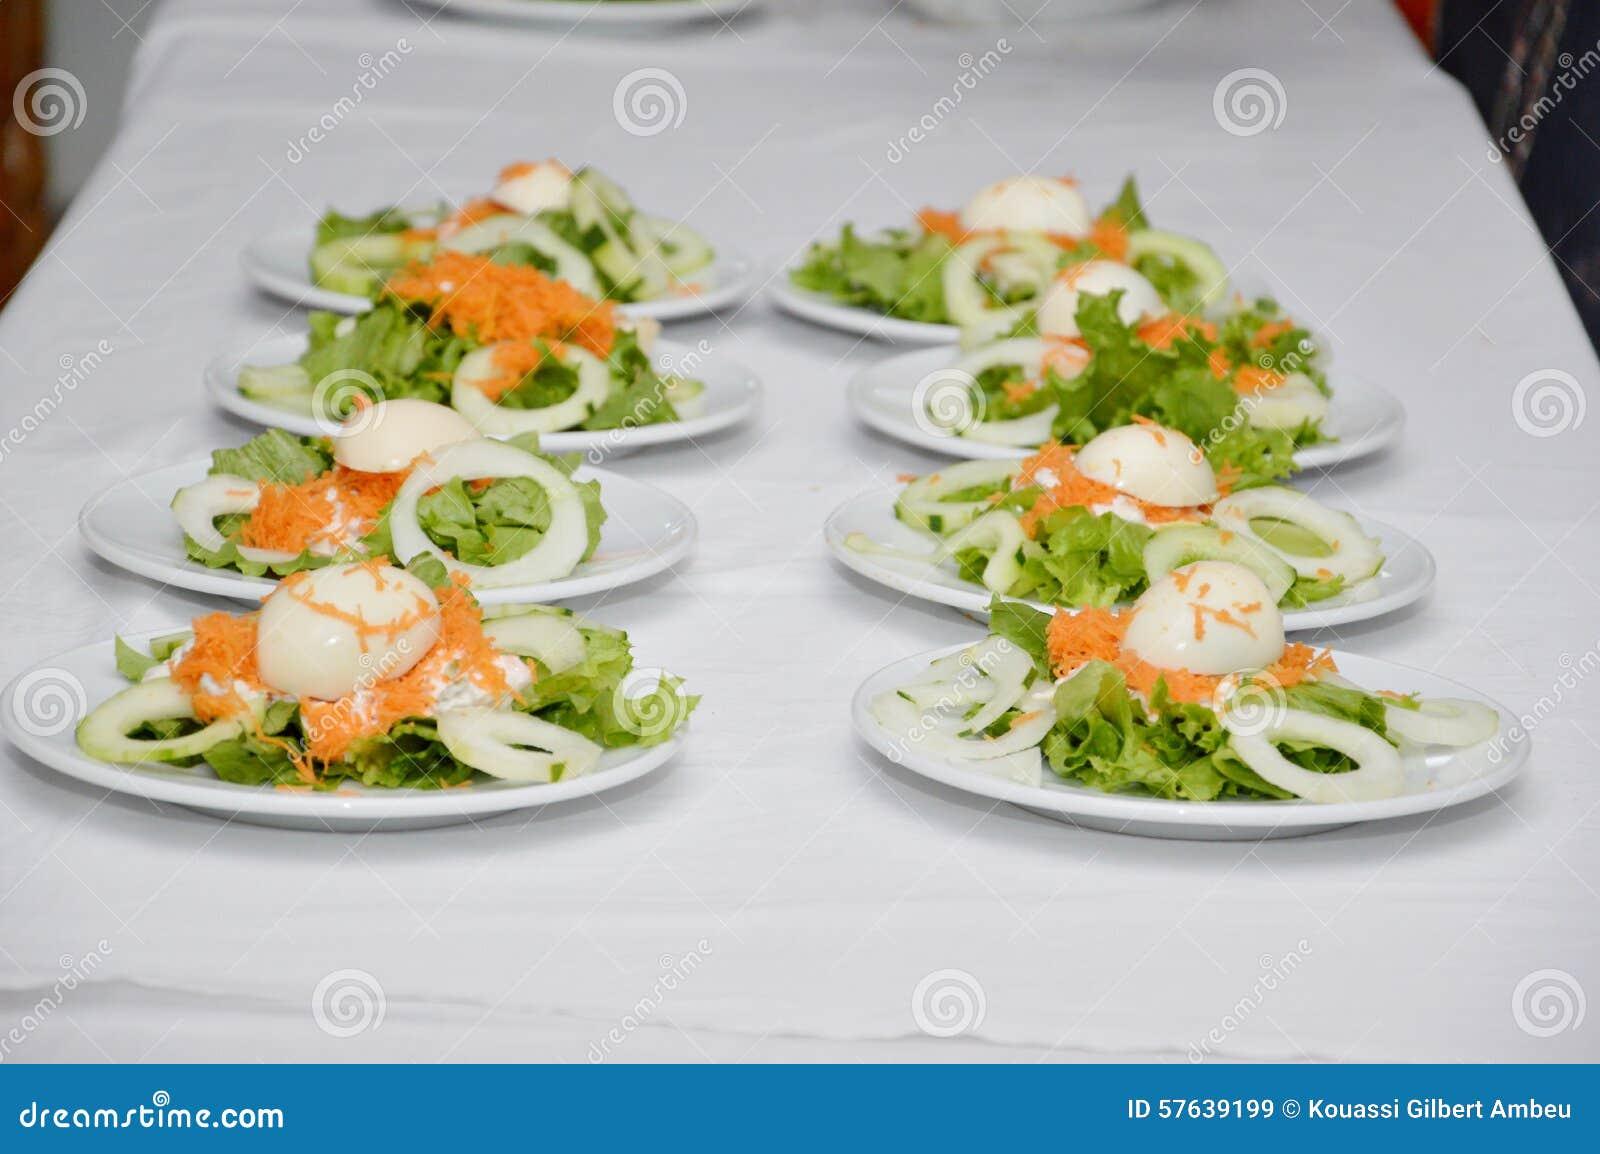 Entr e de repas photo stock image 57639199 for Repas entre amoureux maison